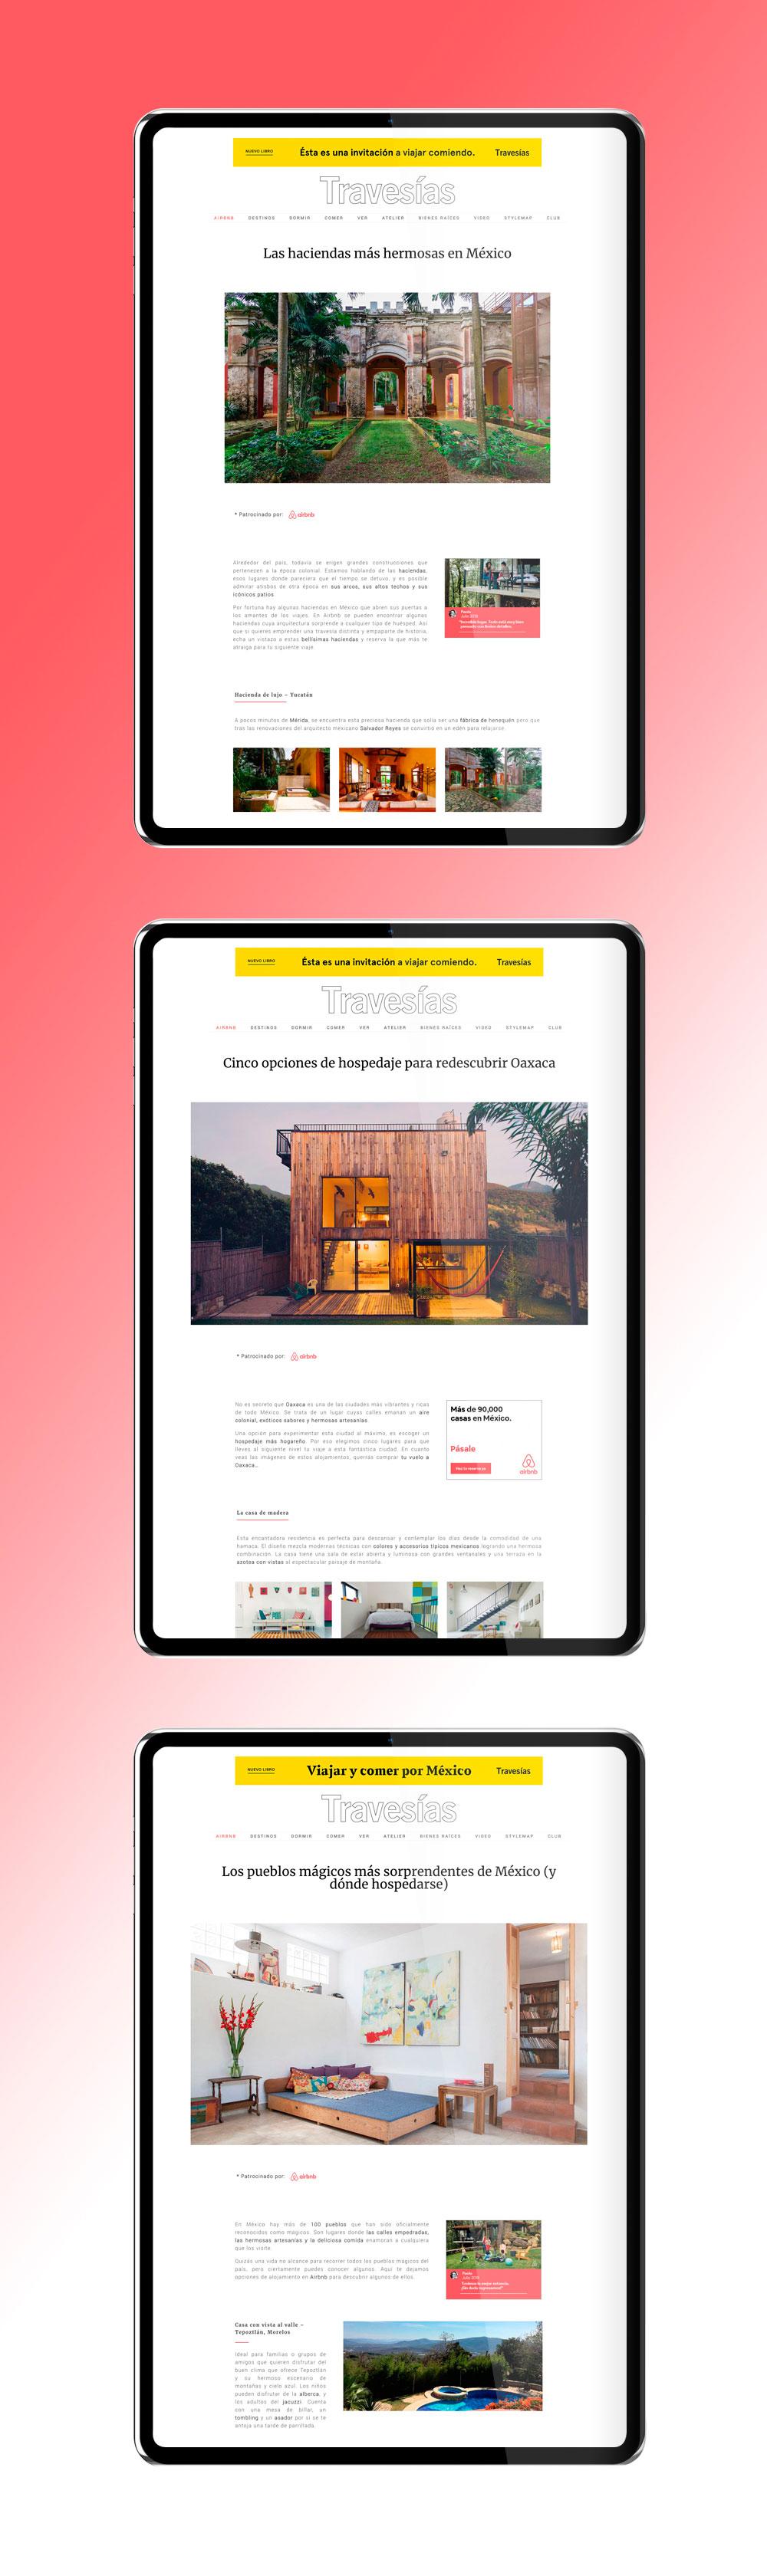 airbnb-ipads-caso-de-exito